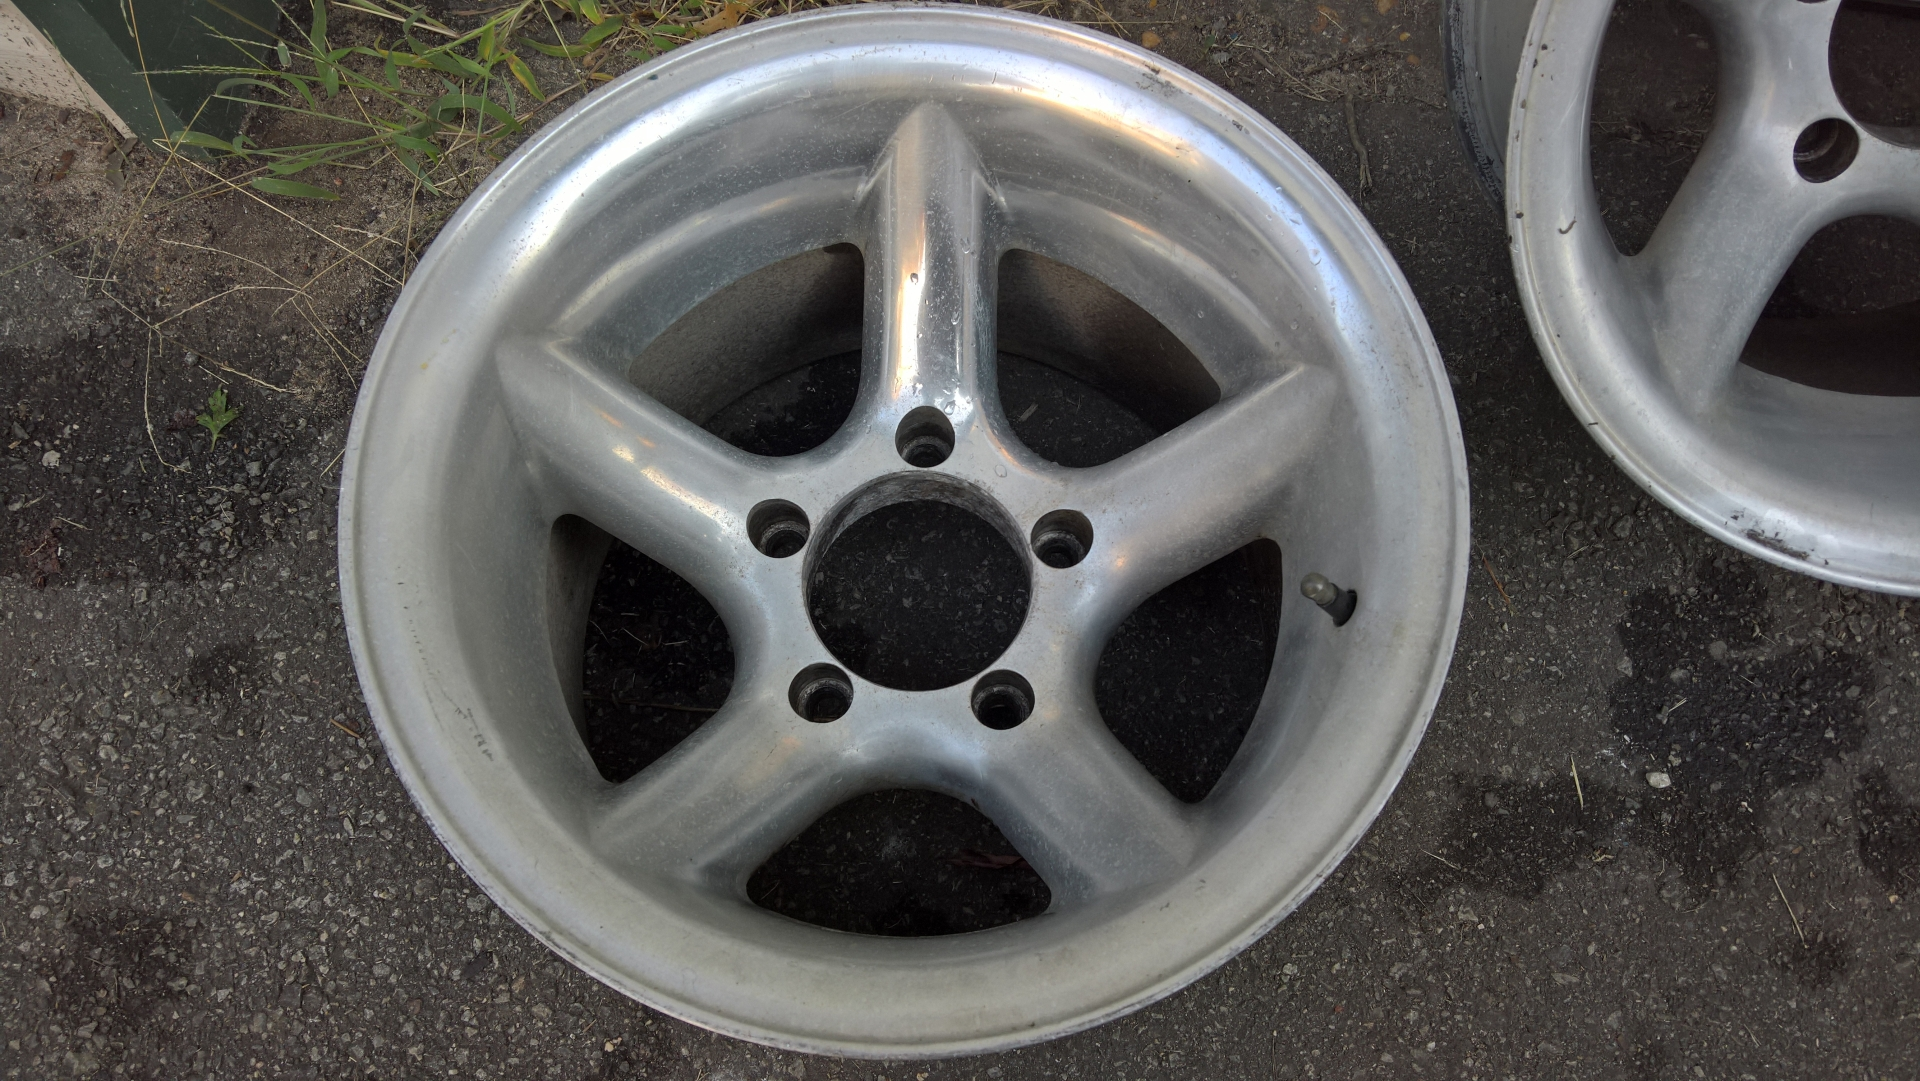 How To Polish Aluminum Wheels >> Image